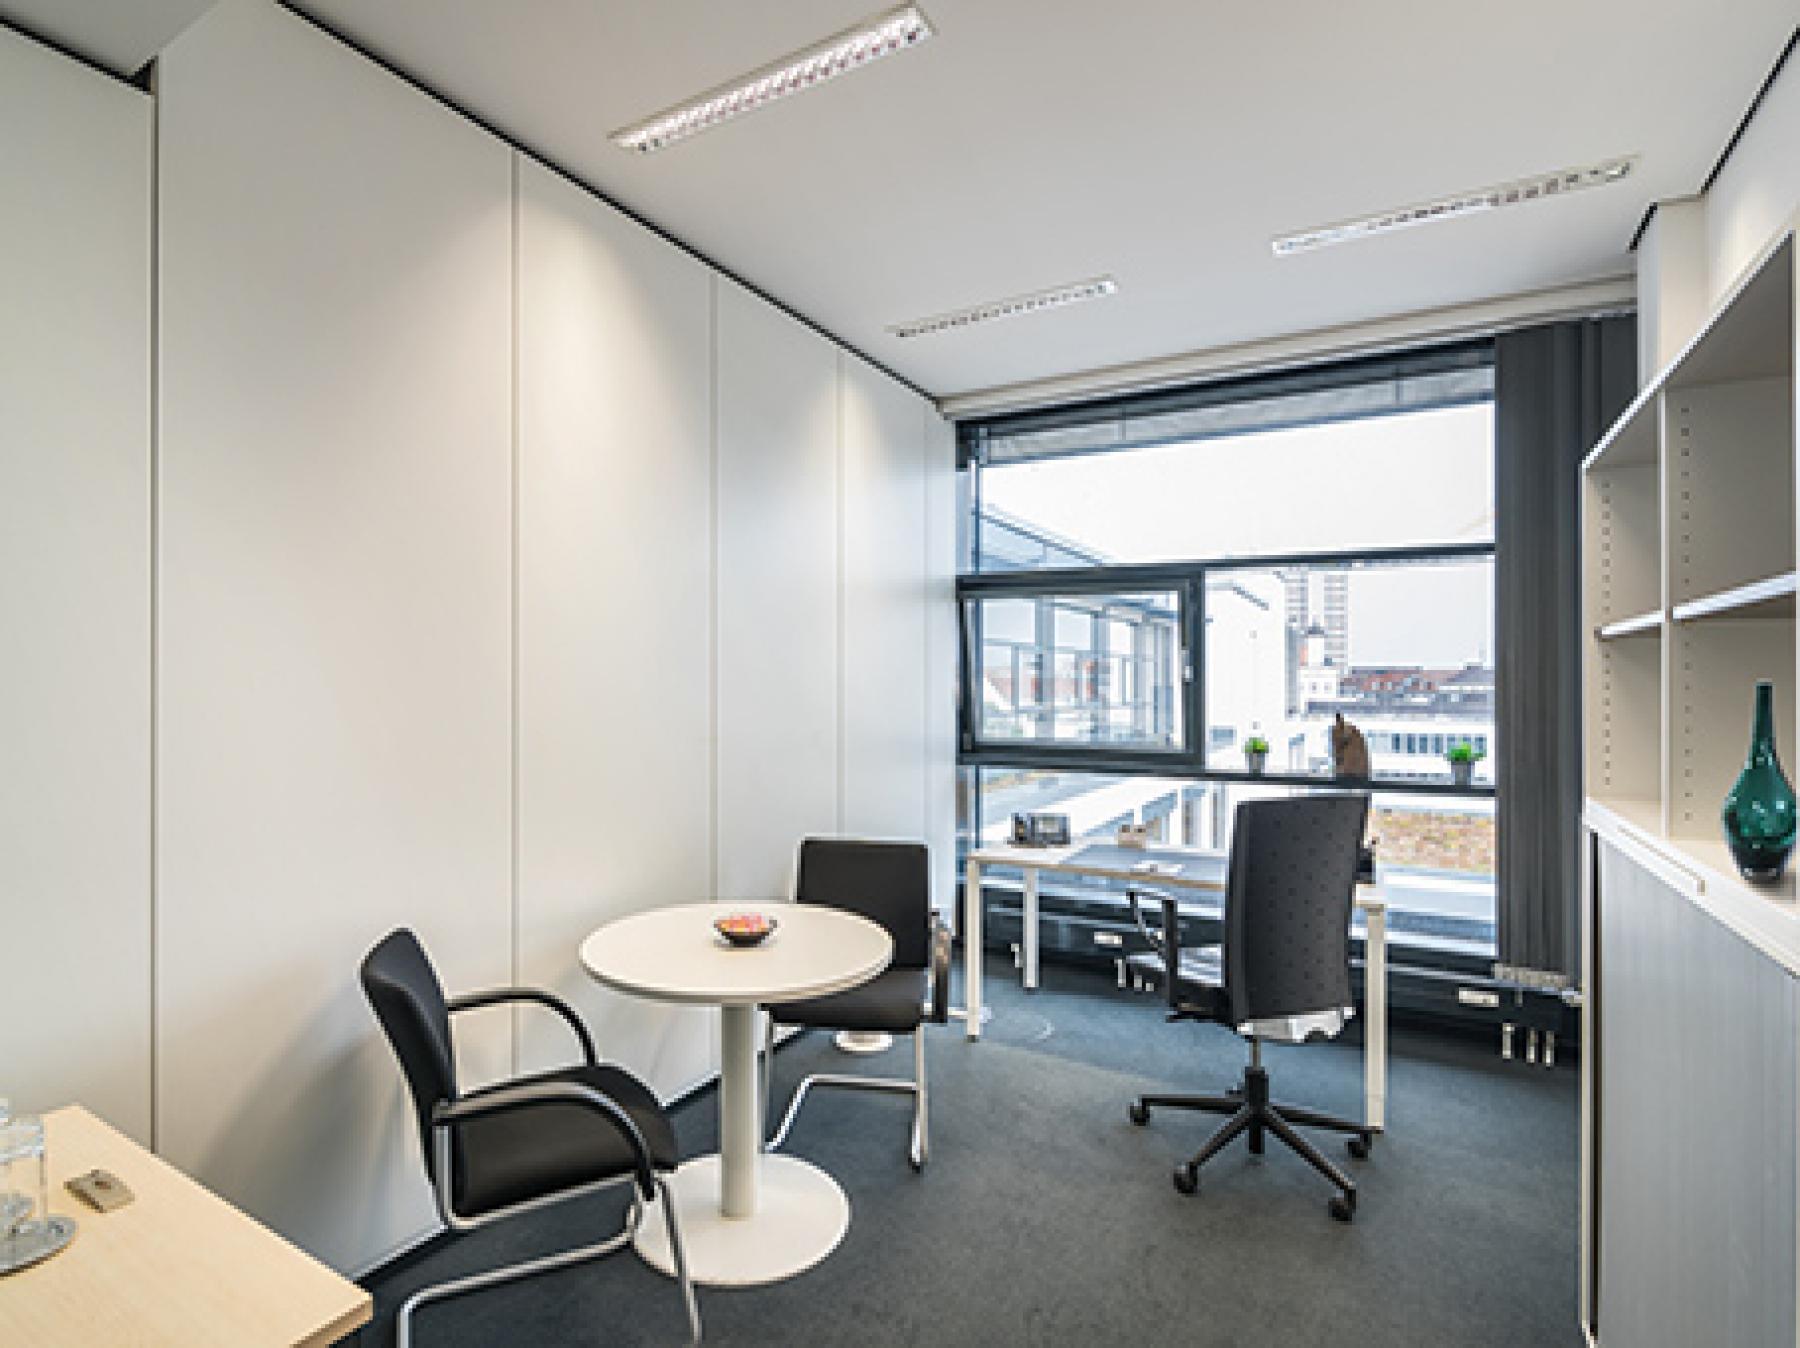 Helles Büro mieten an der Karlstraße in München